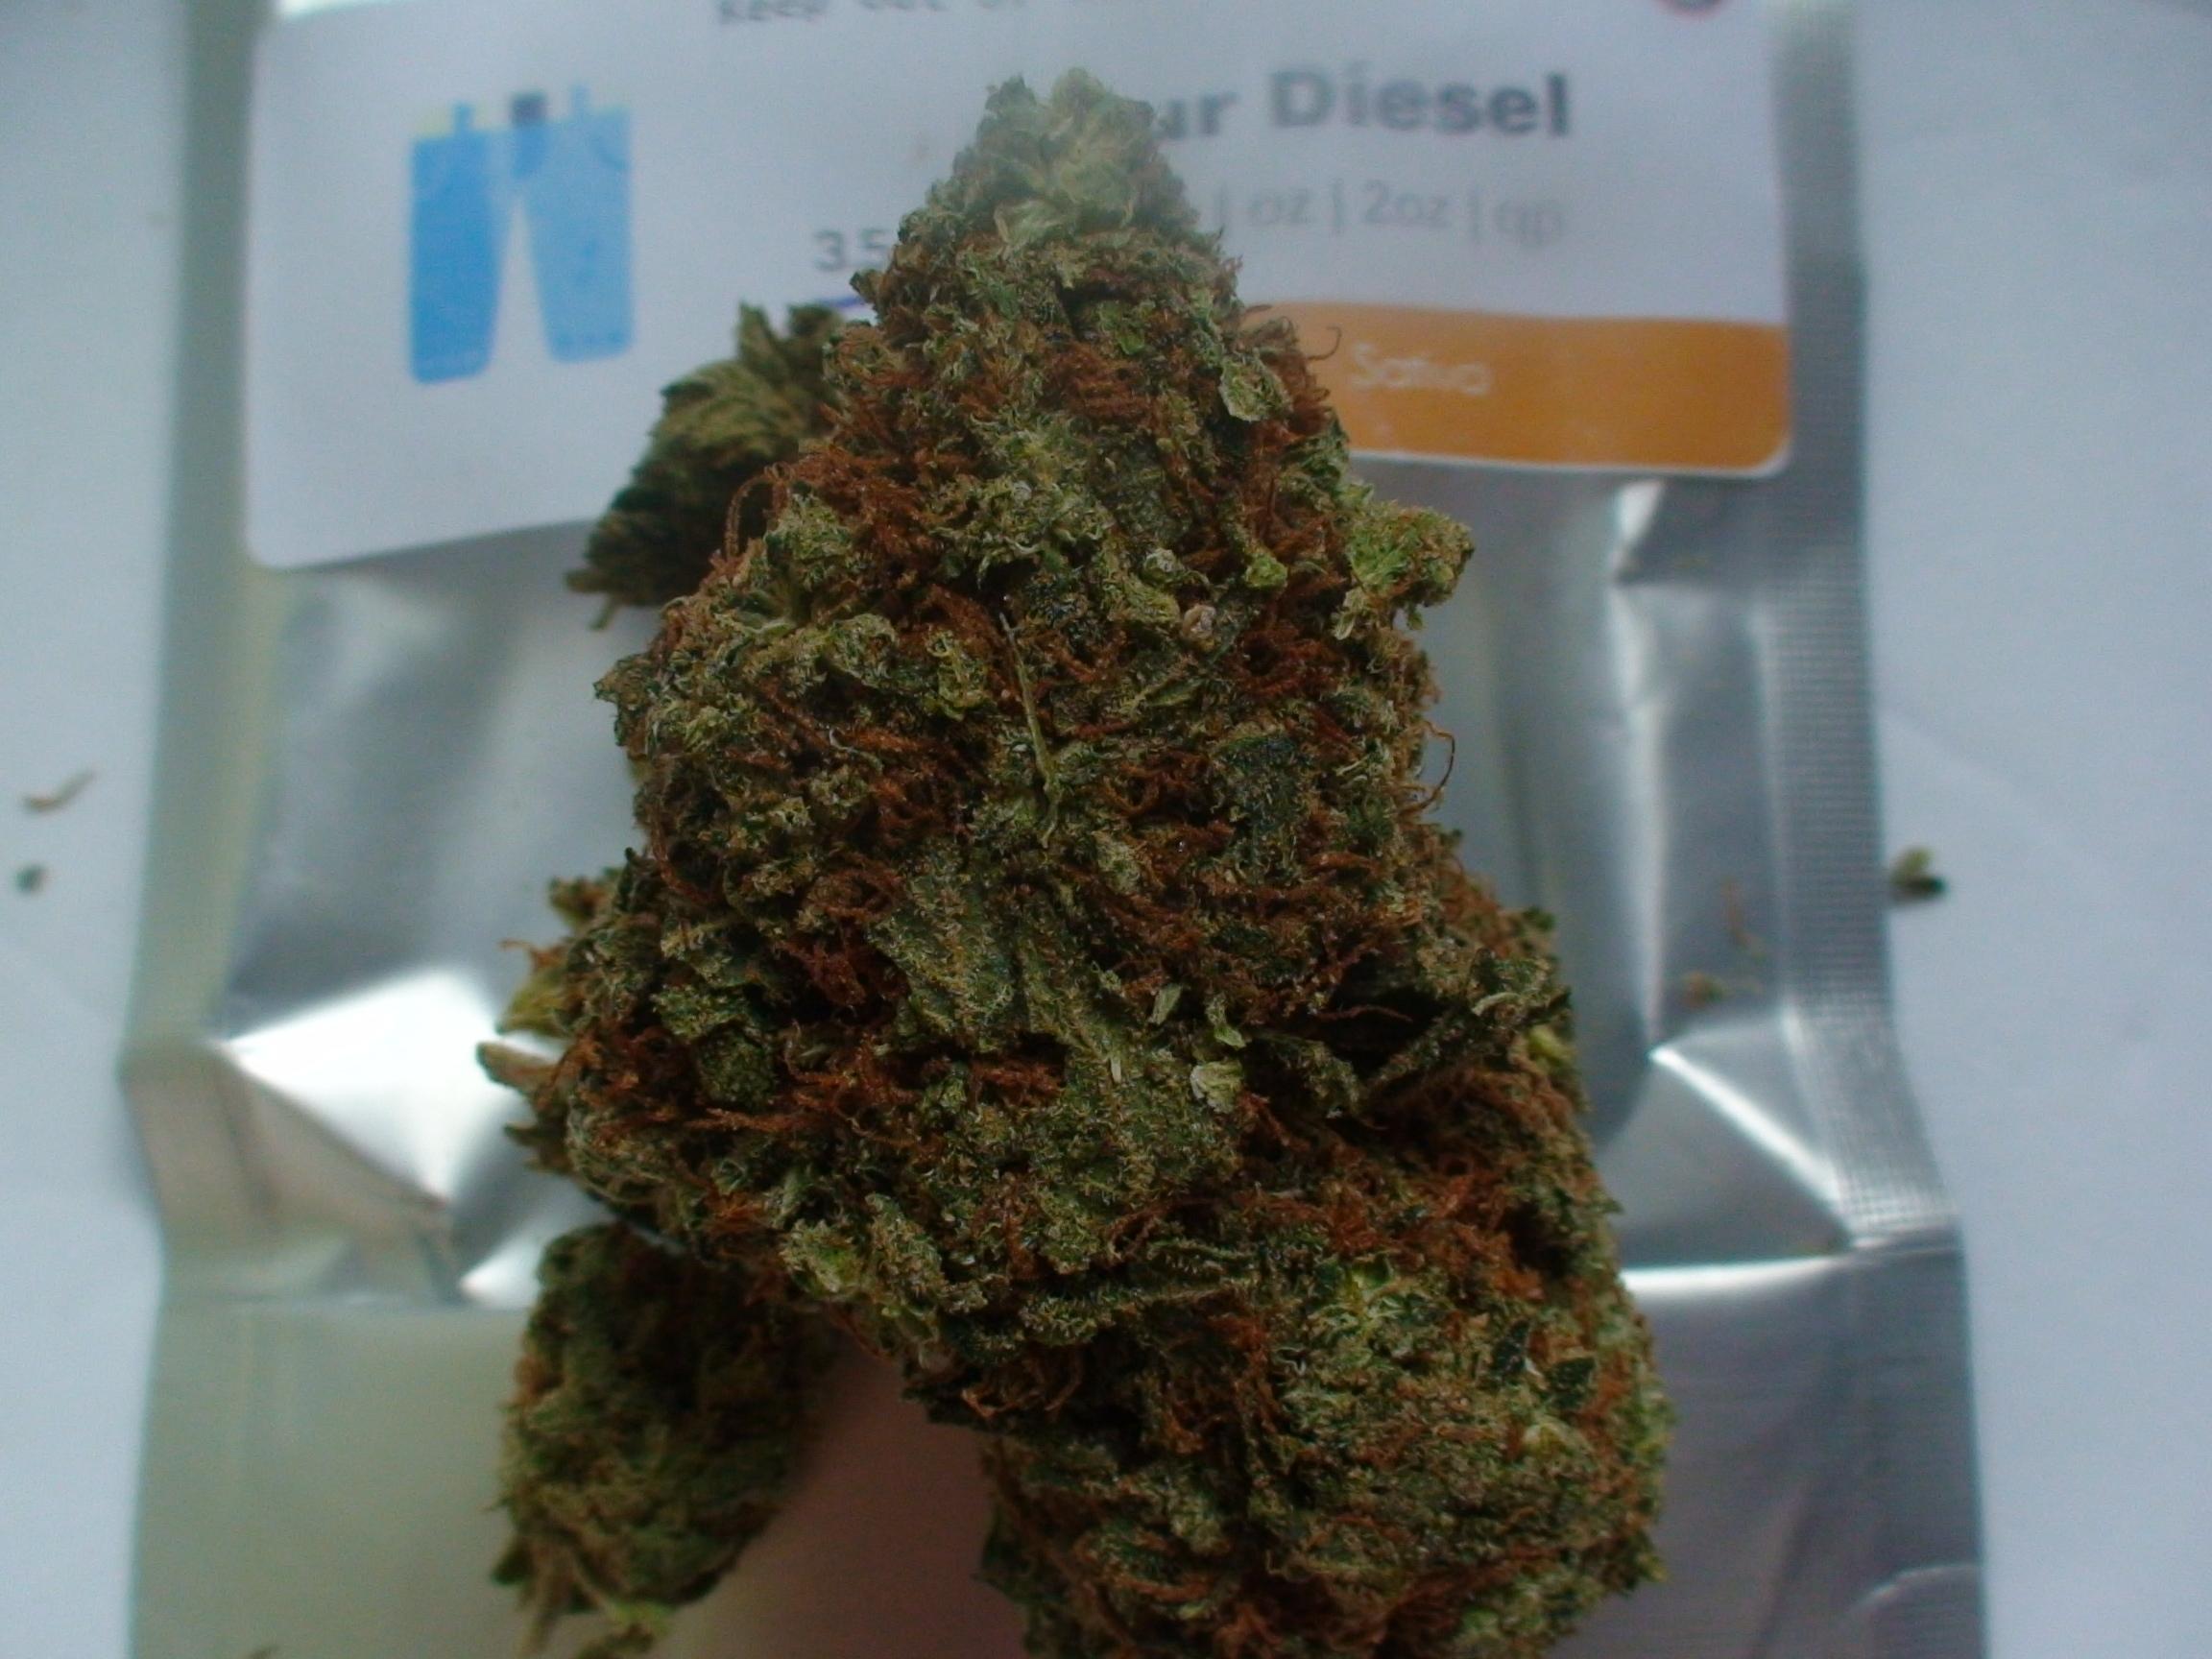 sour disel flower